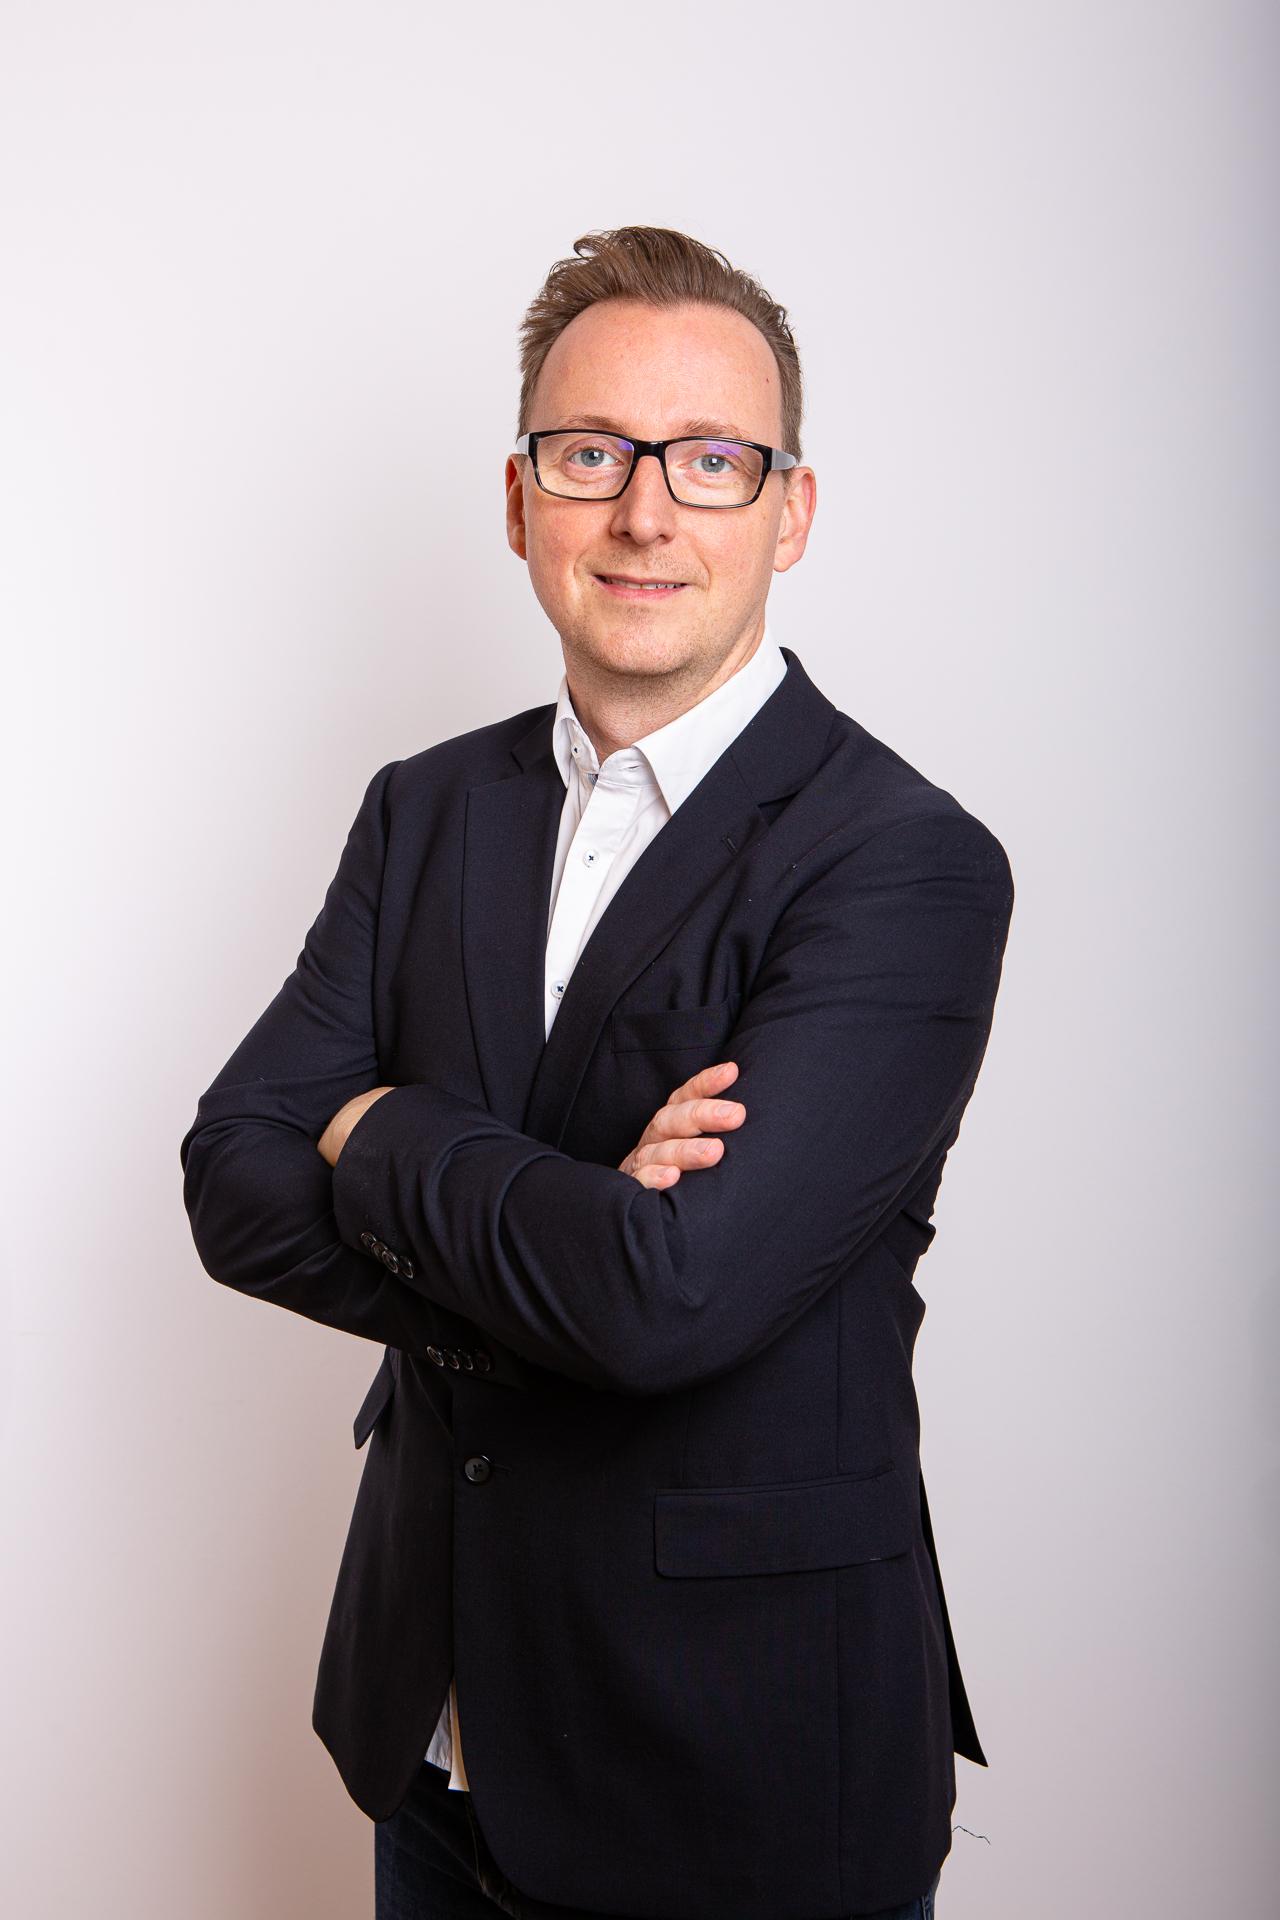 Peter Krausgrill